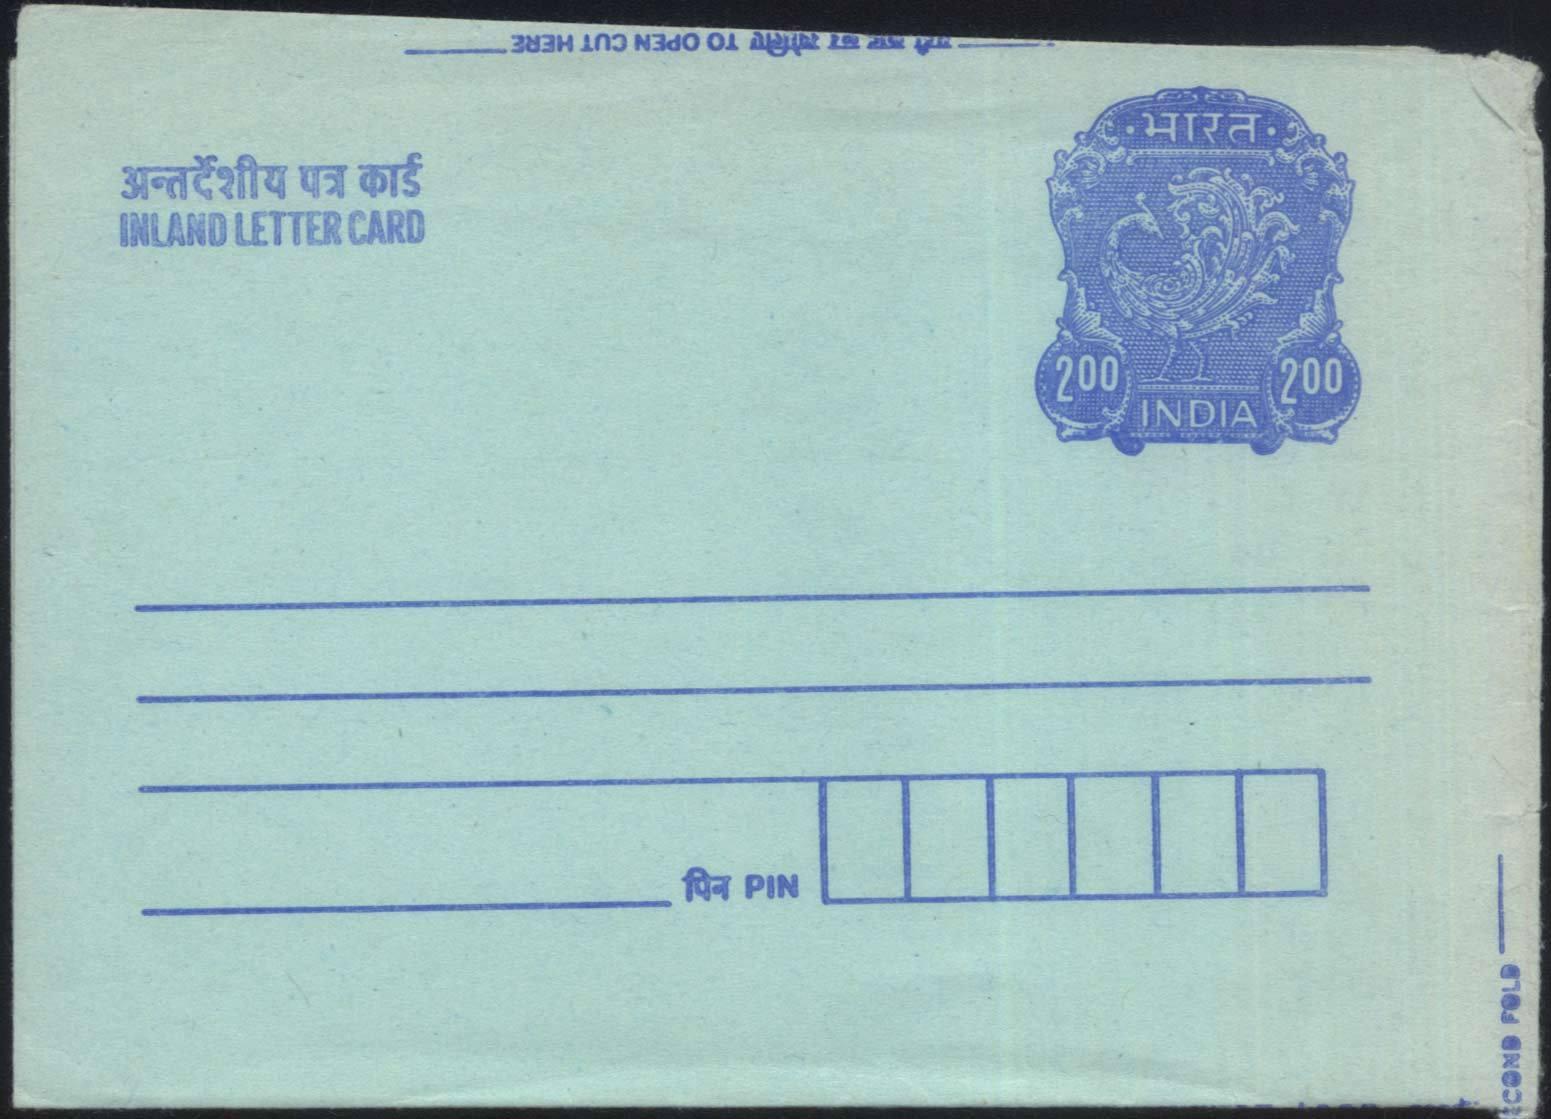 M-YJ3 индия '80 почта капитал изображенный павлин эмблема летописи почта простой медаль